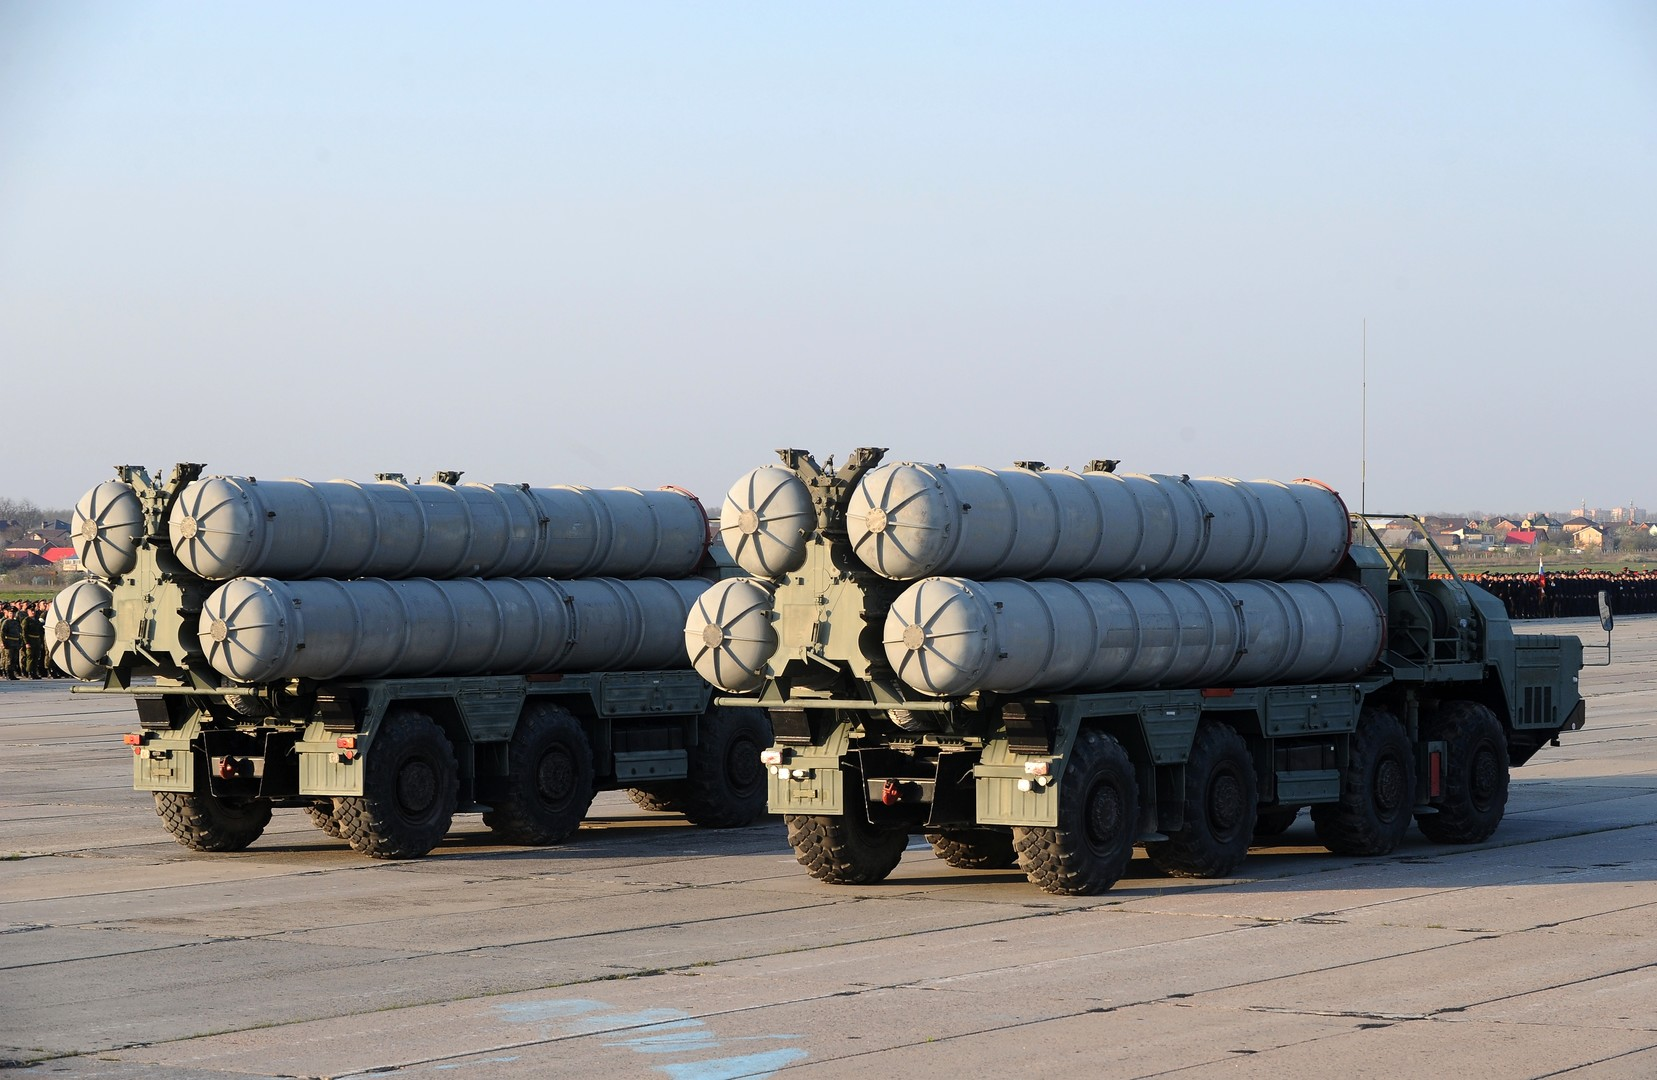 منظومتا صواريخ روسيتان من طراز